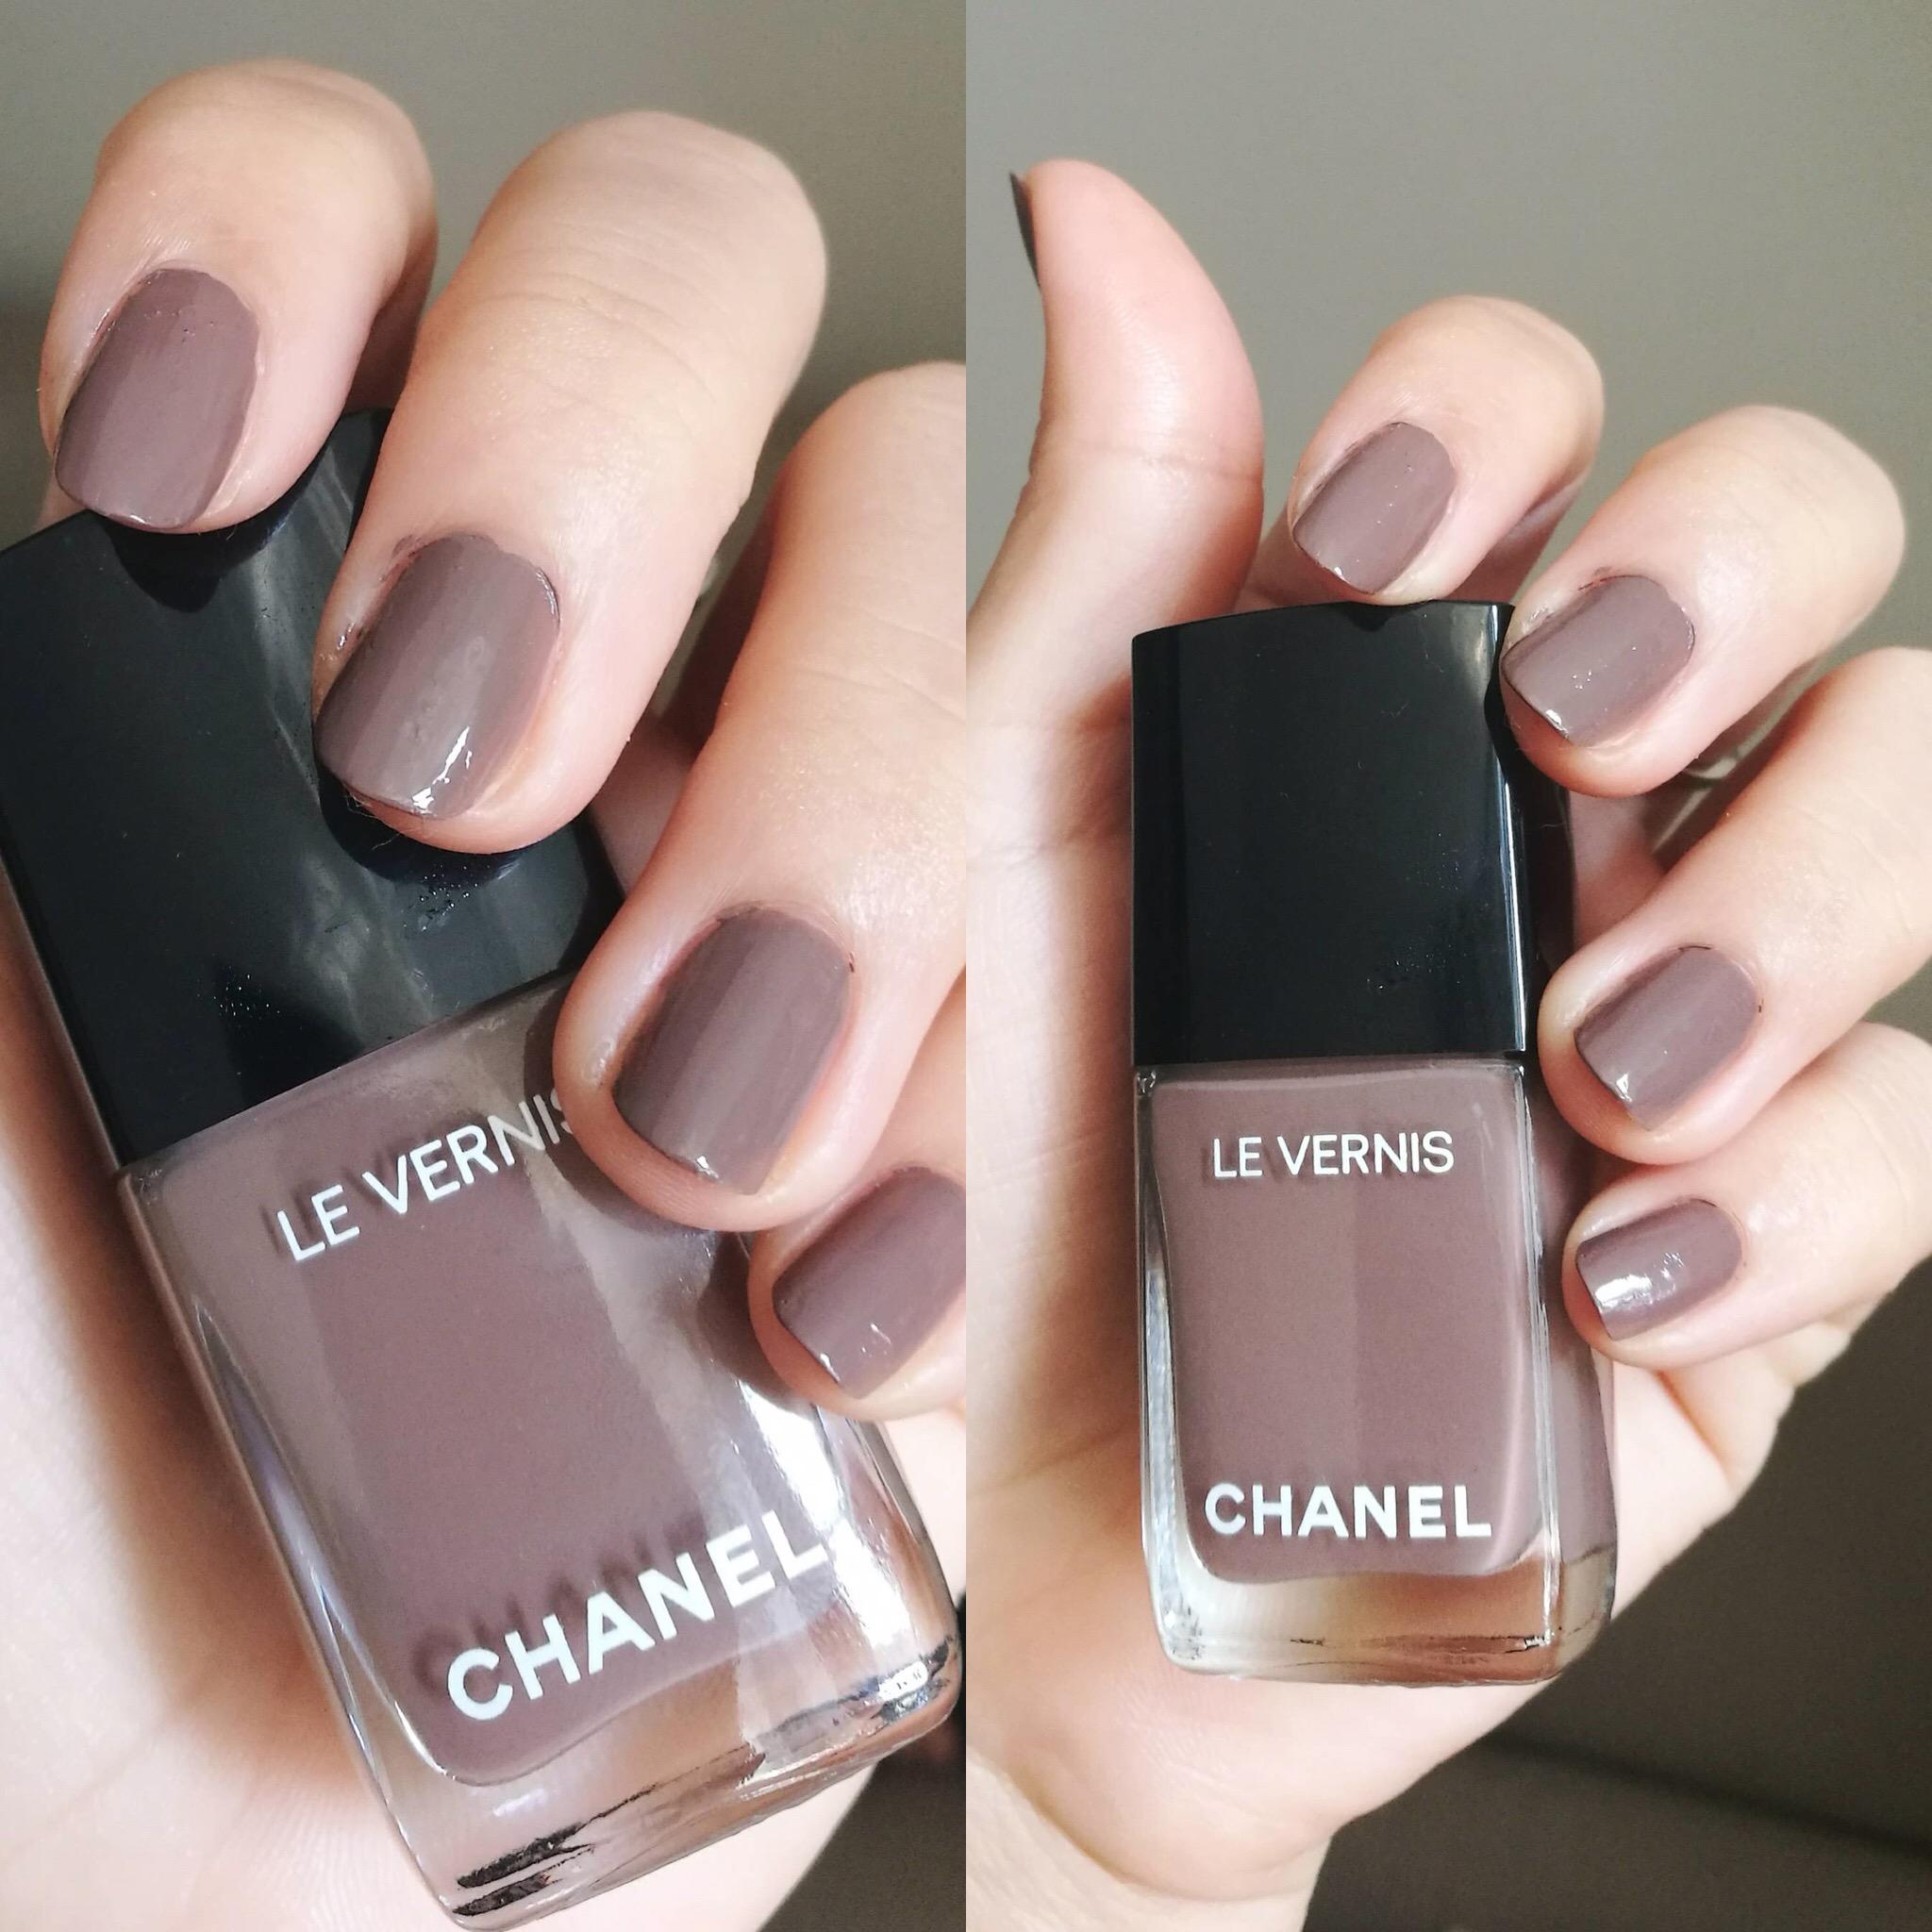 491 spot Hong Kong counter CHANEL Chanel nail polish 505/18 new ...